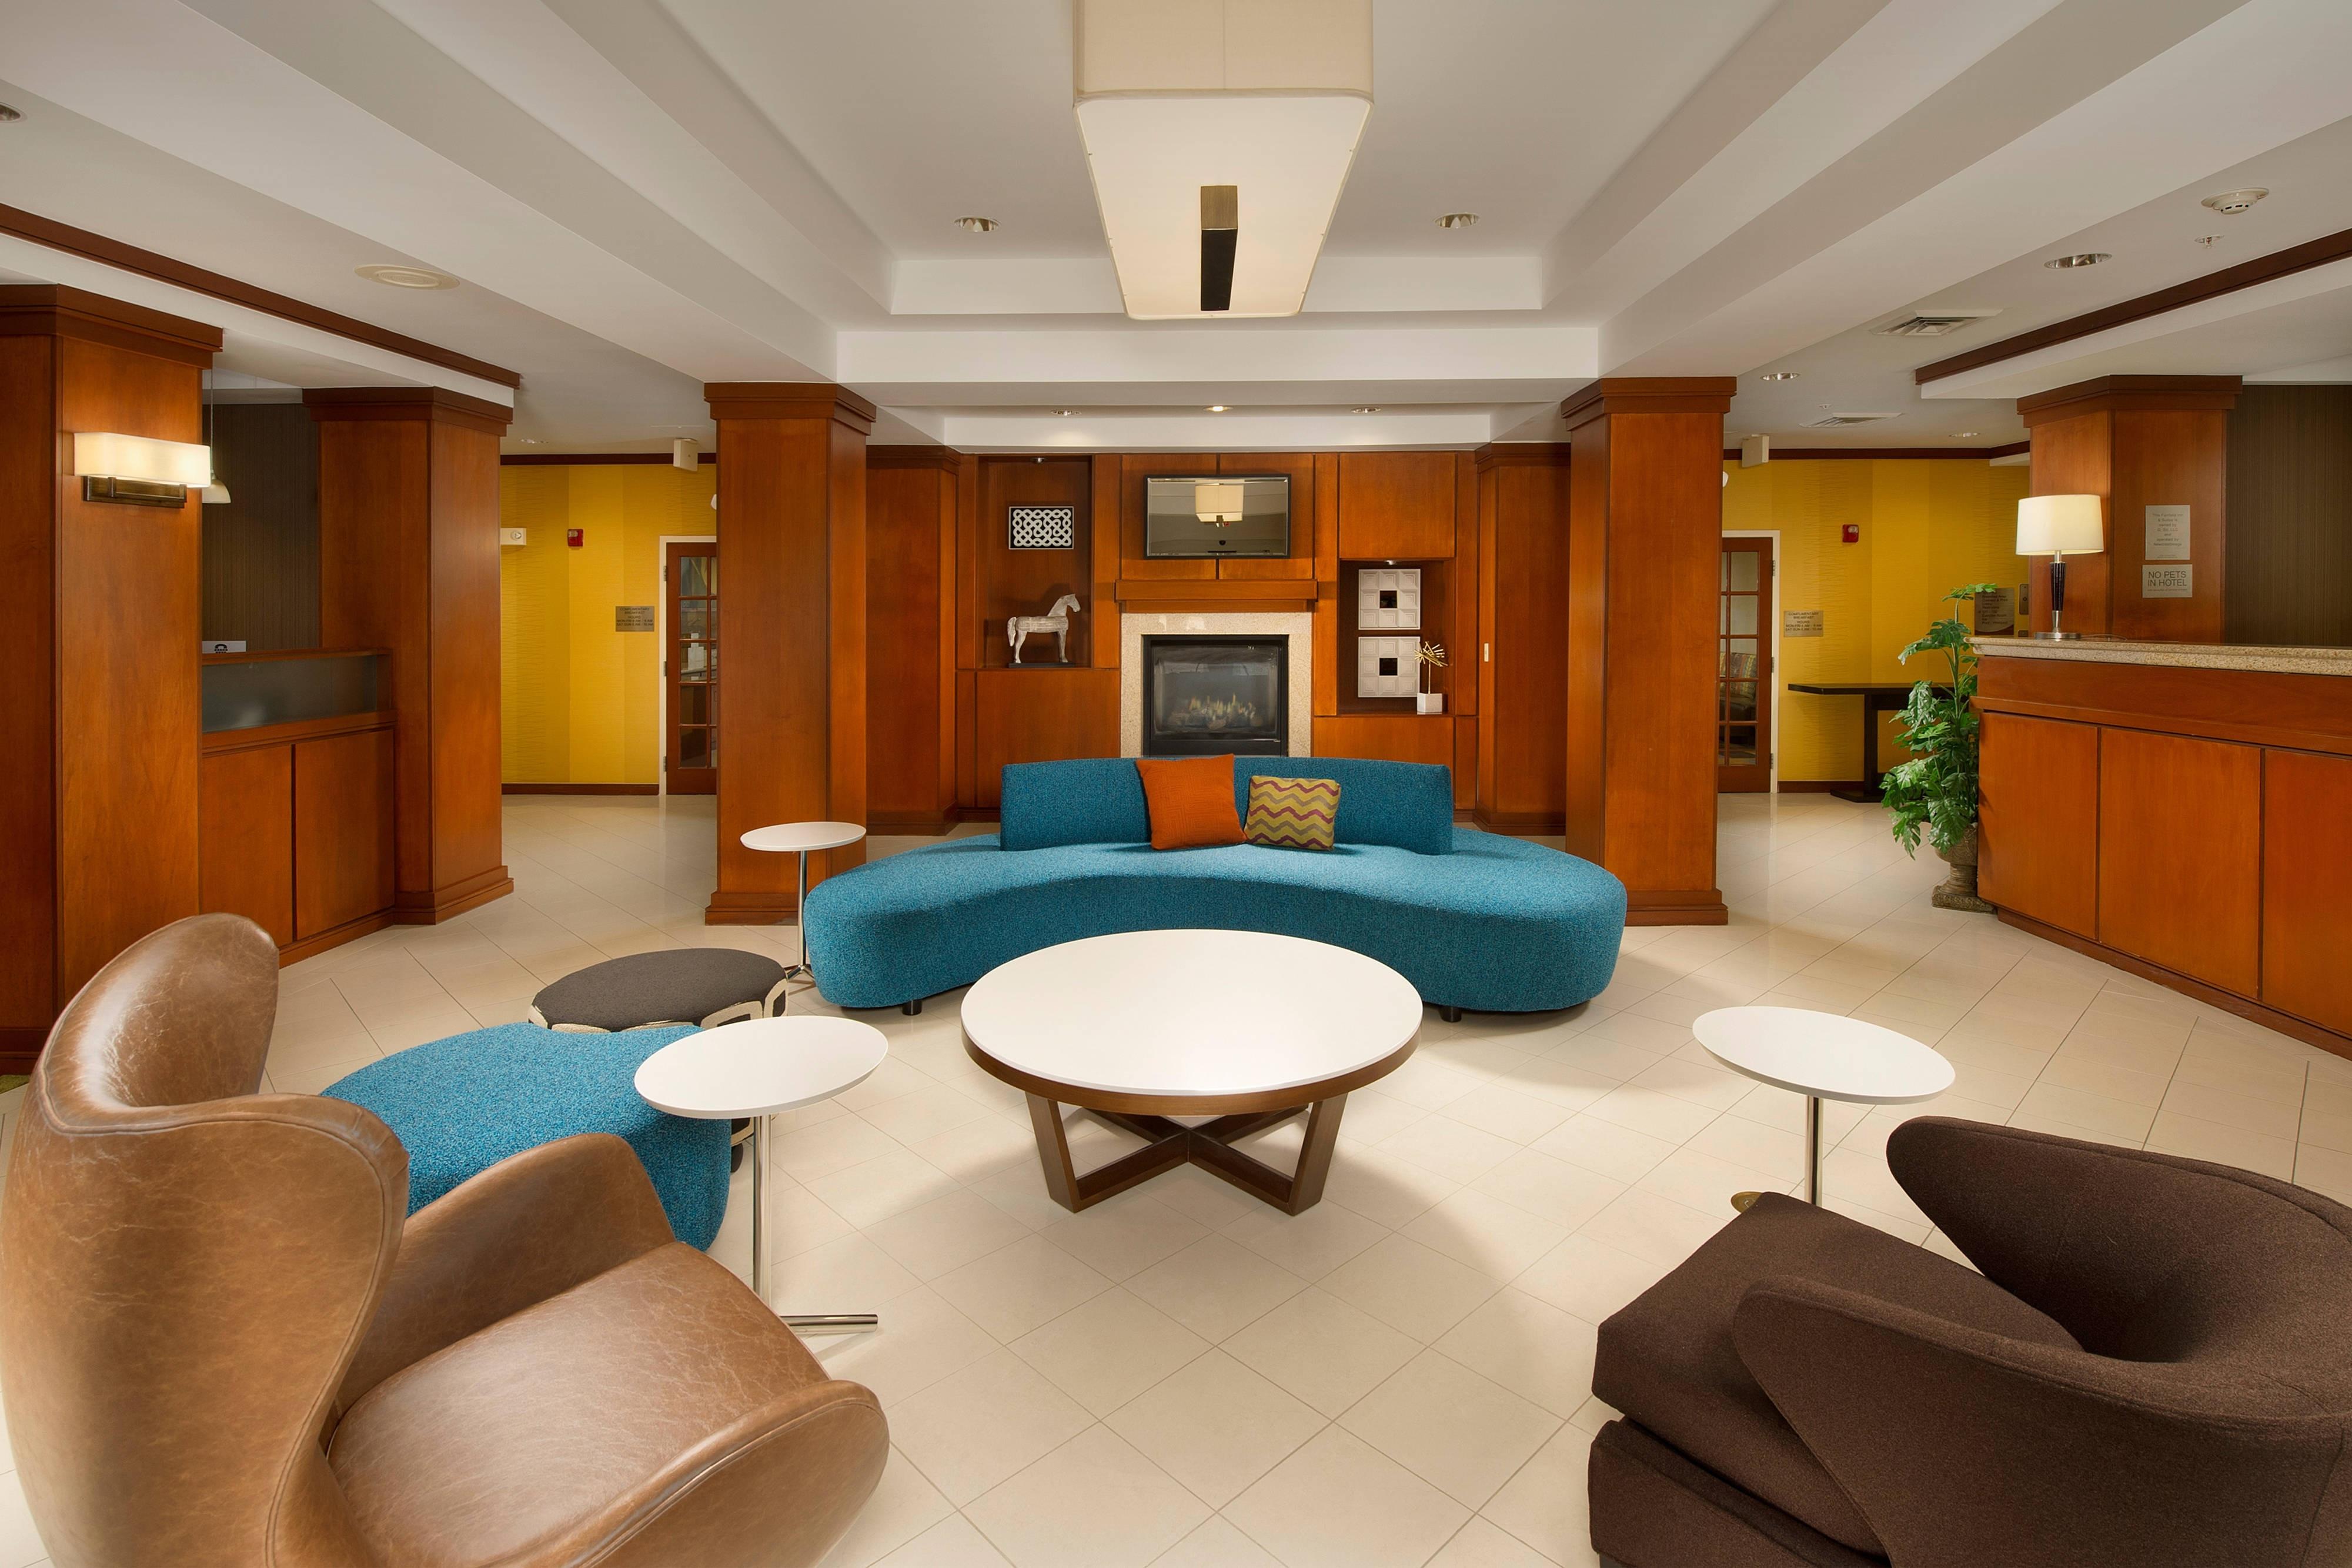 Waco Texas Hotel Lobby